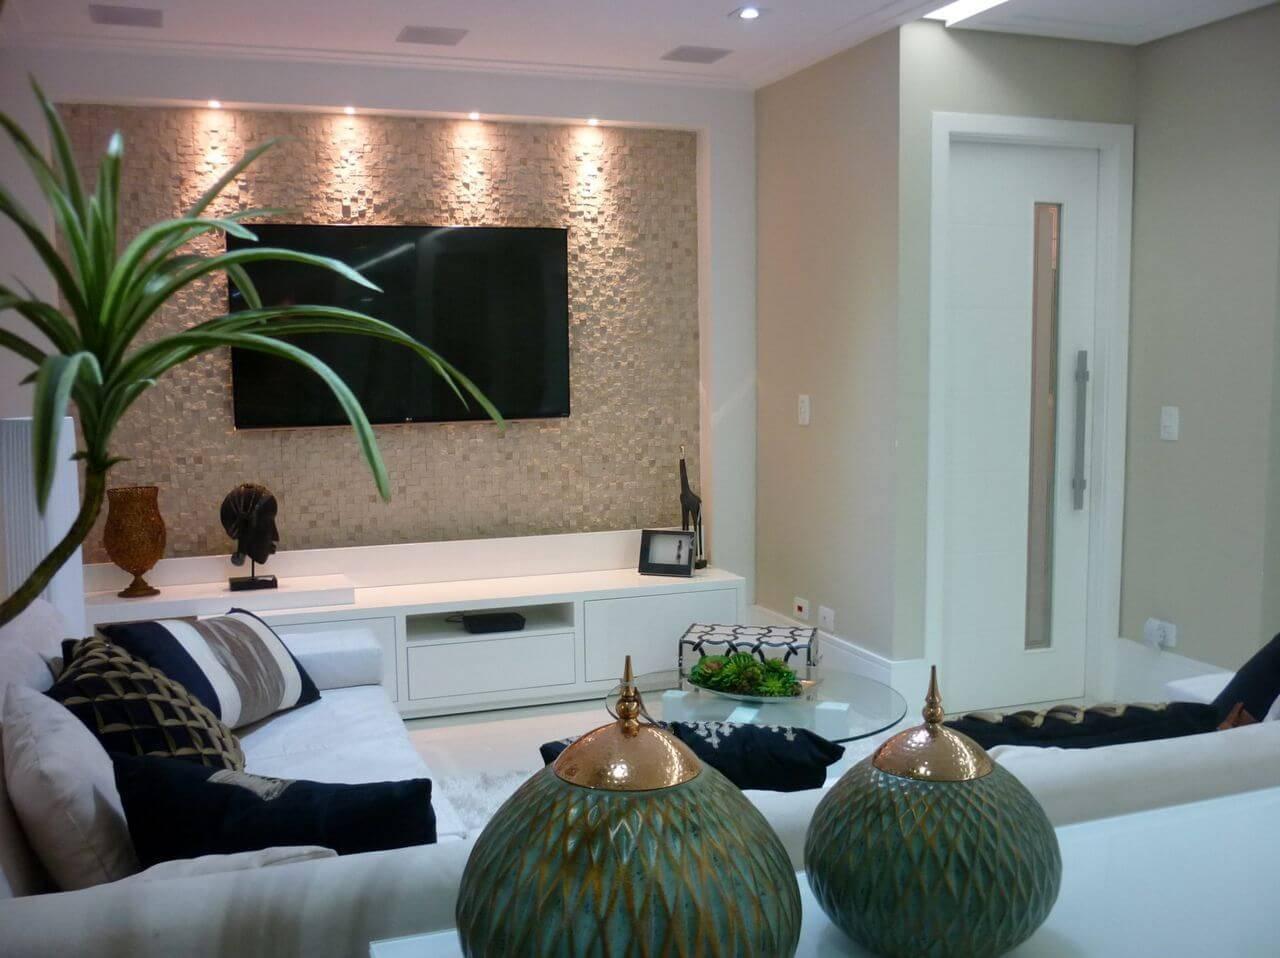 Revestimento 3d 36 modelos de ambientes incr veis - Placas decorativas paredes interiores ...